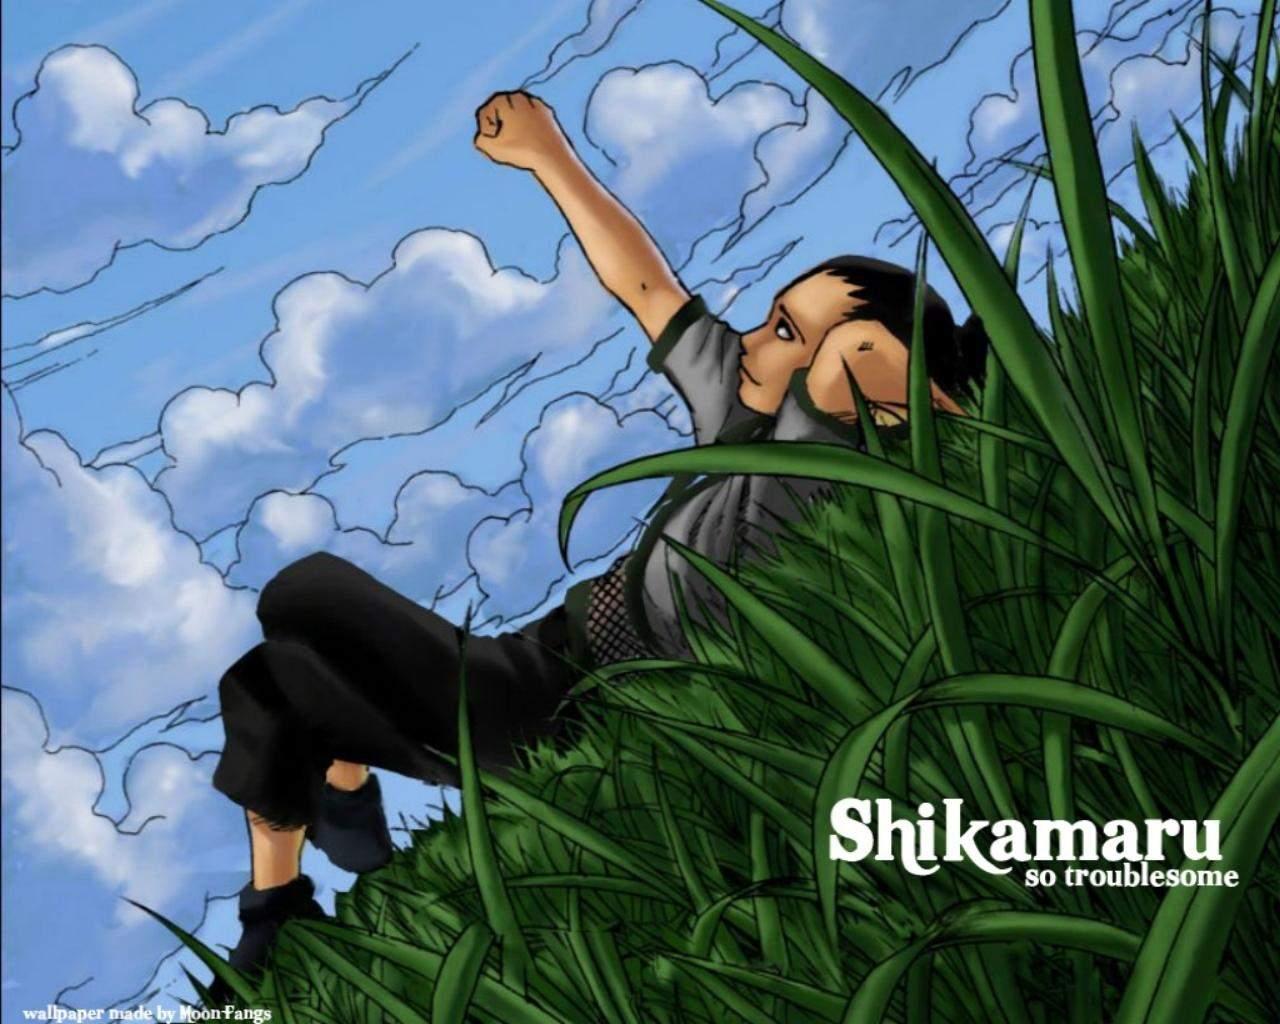 http://1.bp.blogspot.com/-L7CAHy1iUyo/TpuNeILOpcI/AAAAAAAAAIk/JHKfN51qWvU/s1600/13-wallpaper-shikamaru-1571617212.jpg